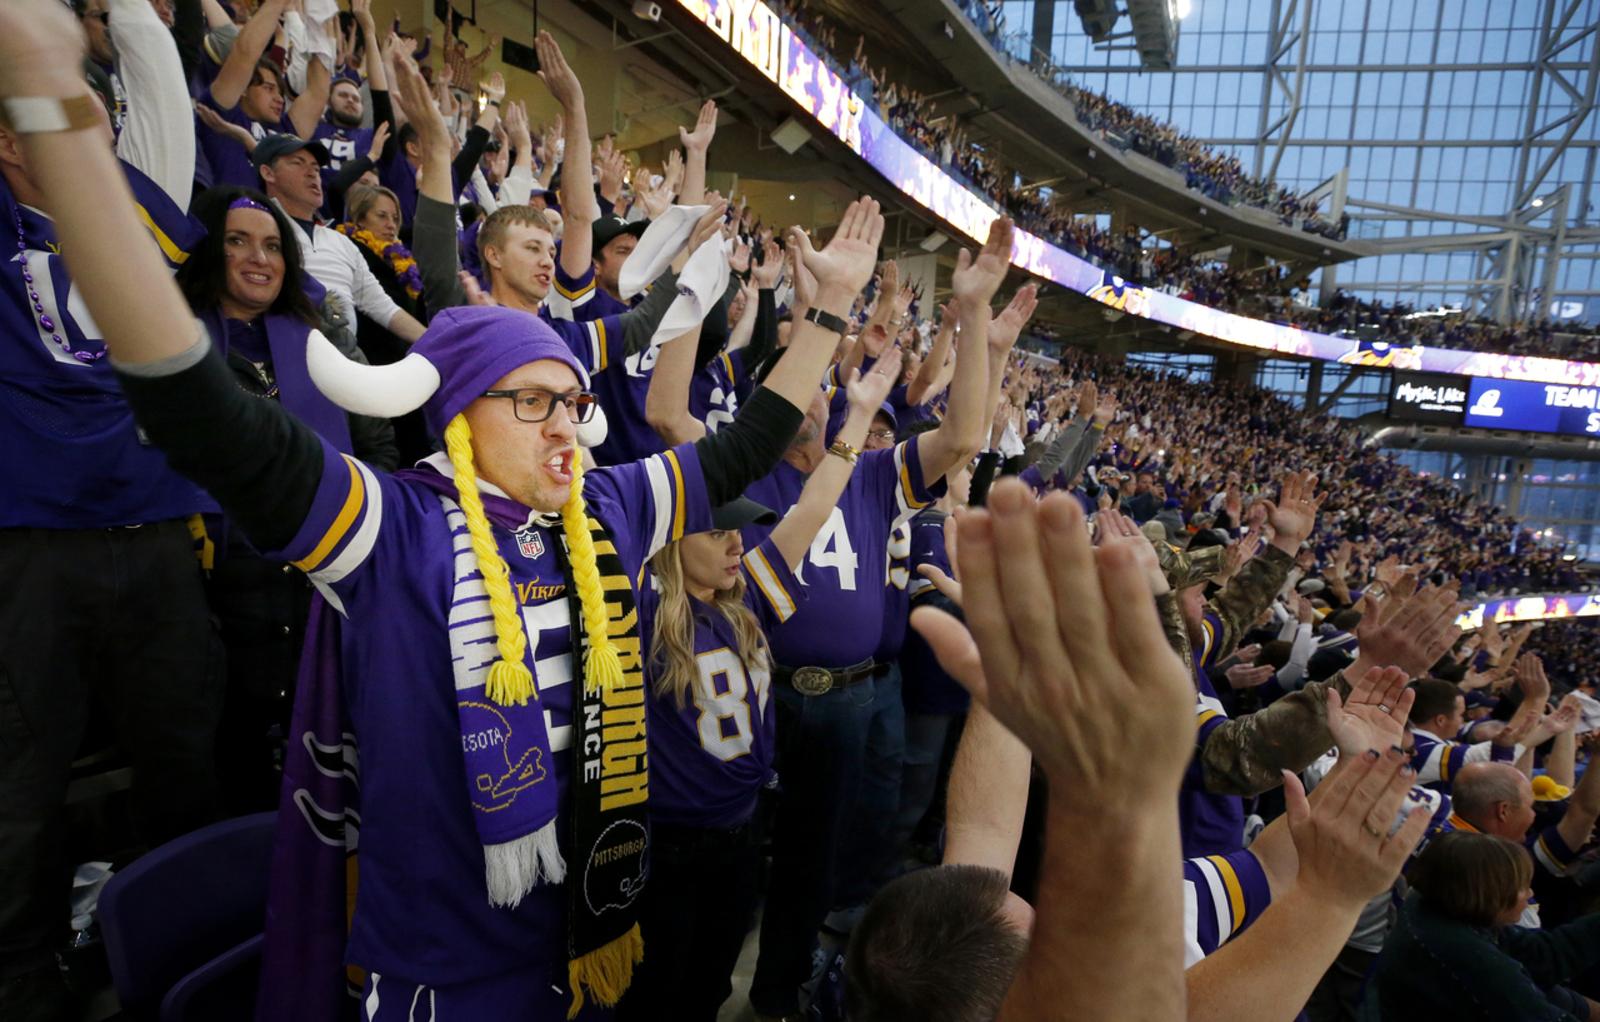 Vikings crowd